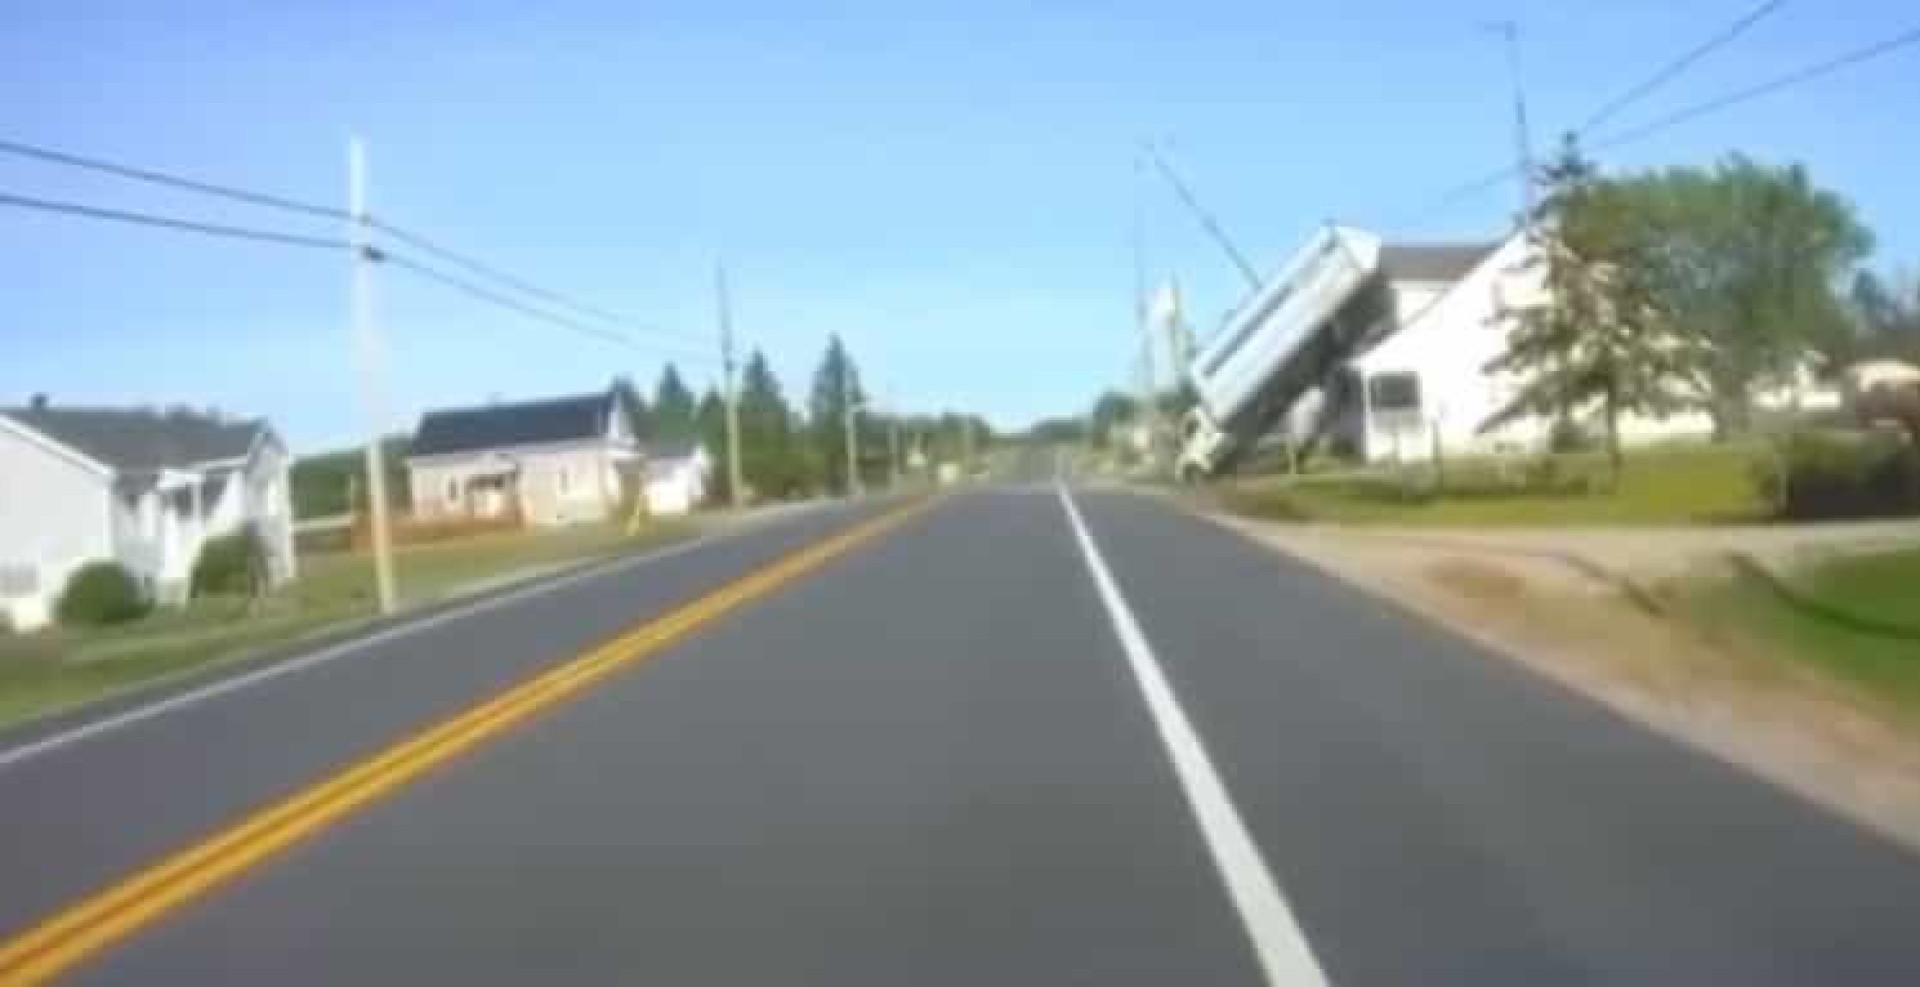 Camião 'aterrou' em cima de casa no Canadá